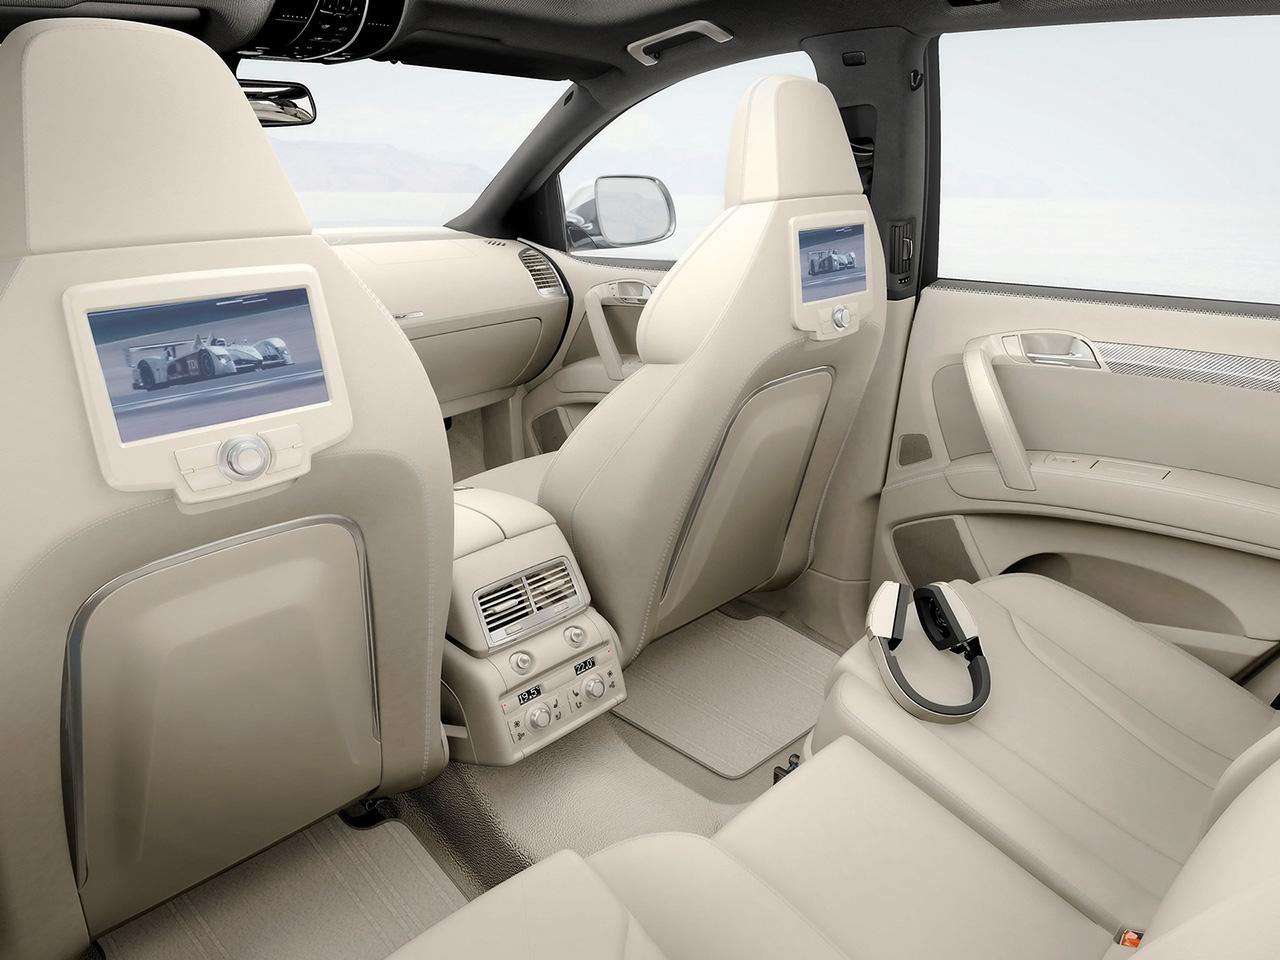 AUTOMOBILE: AUDI Q7 interior